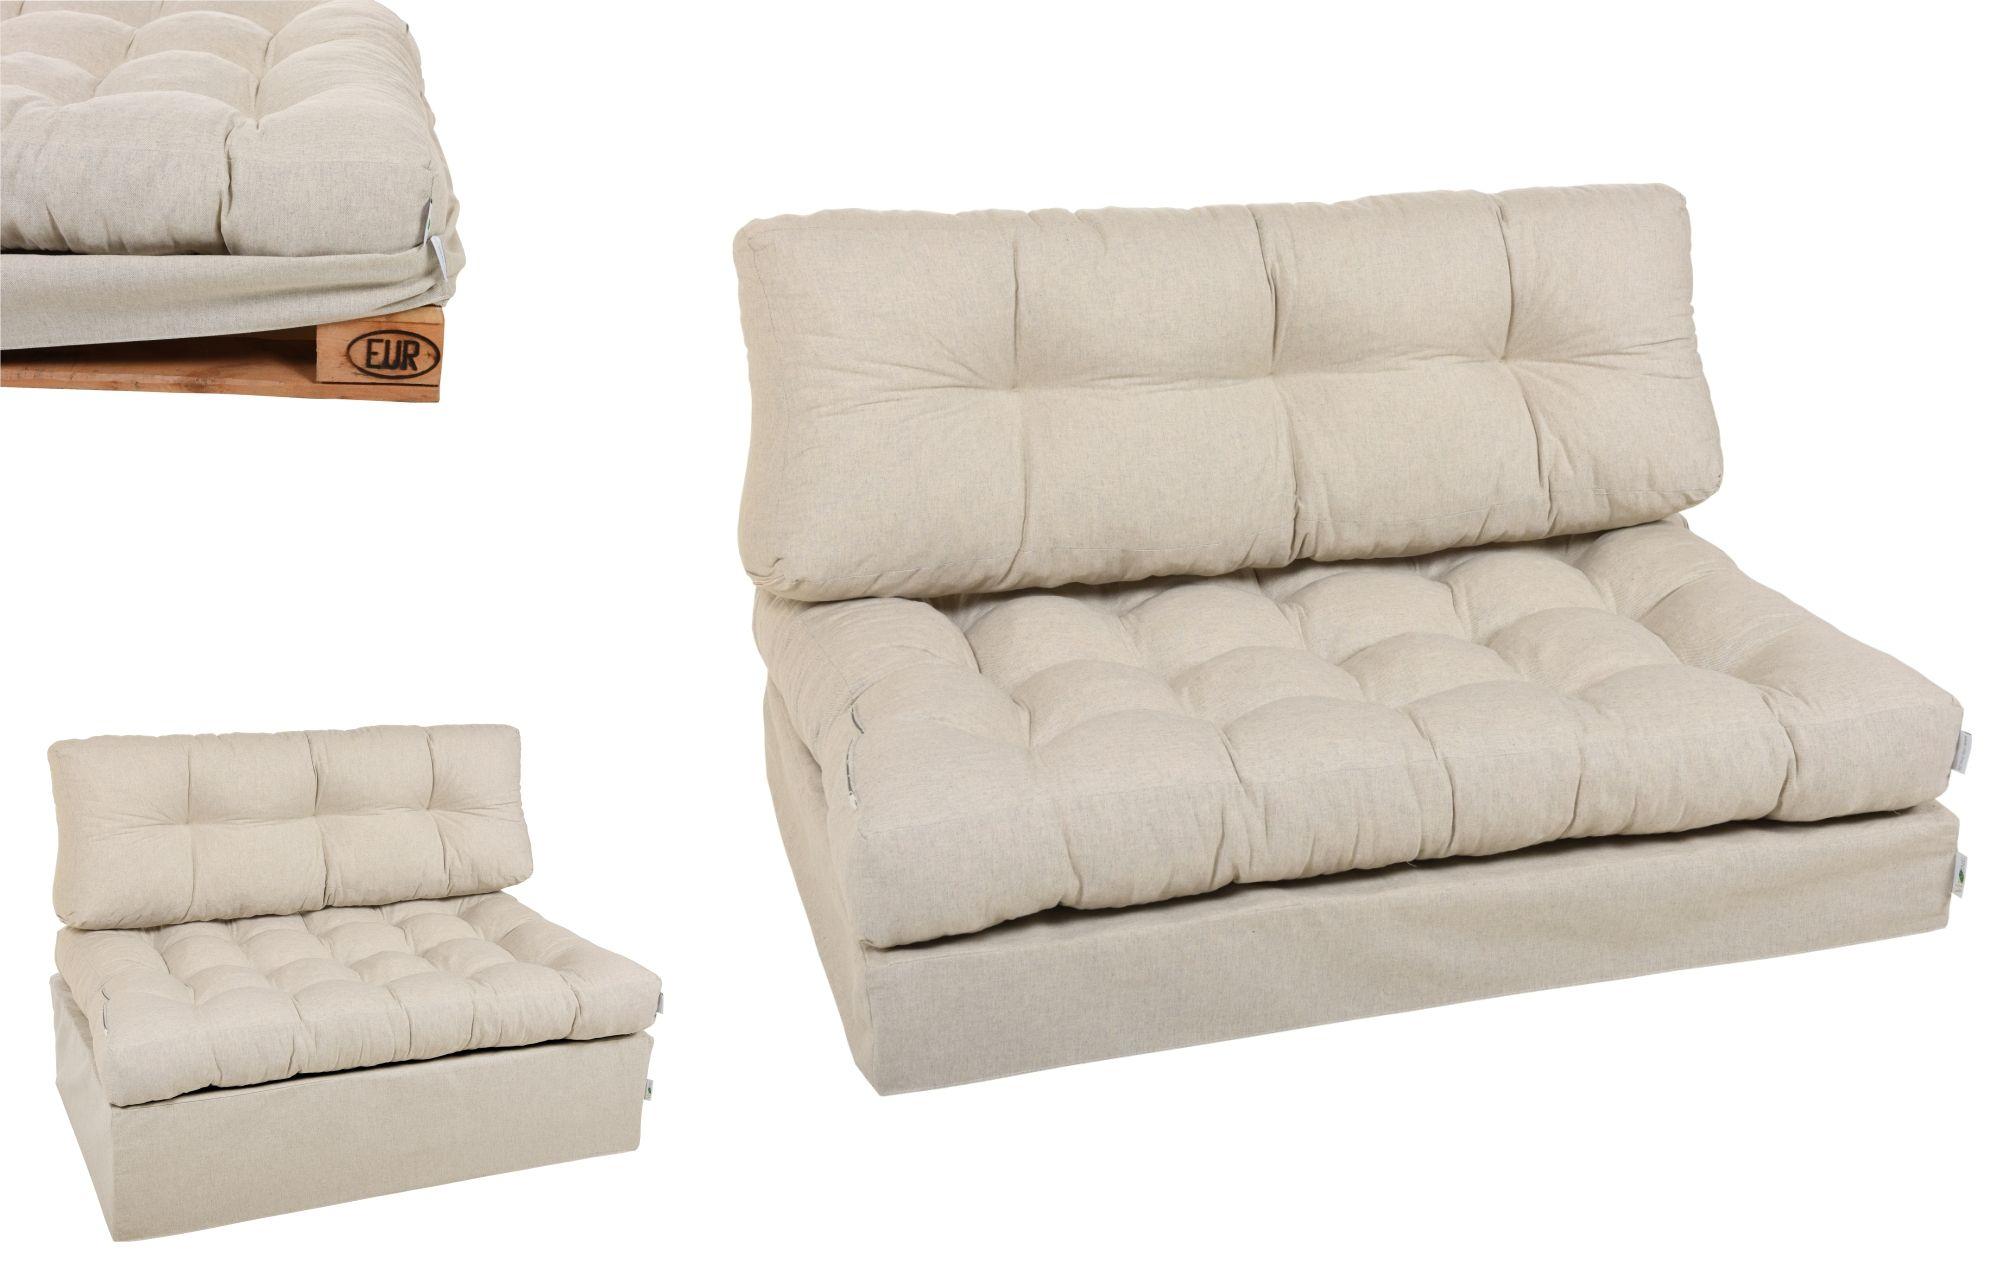 Palettensofa Bezüge Und Sofort Seht Ihr Paletten Möbel